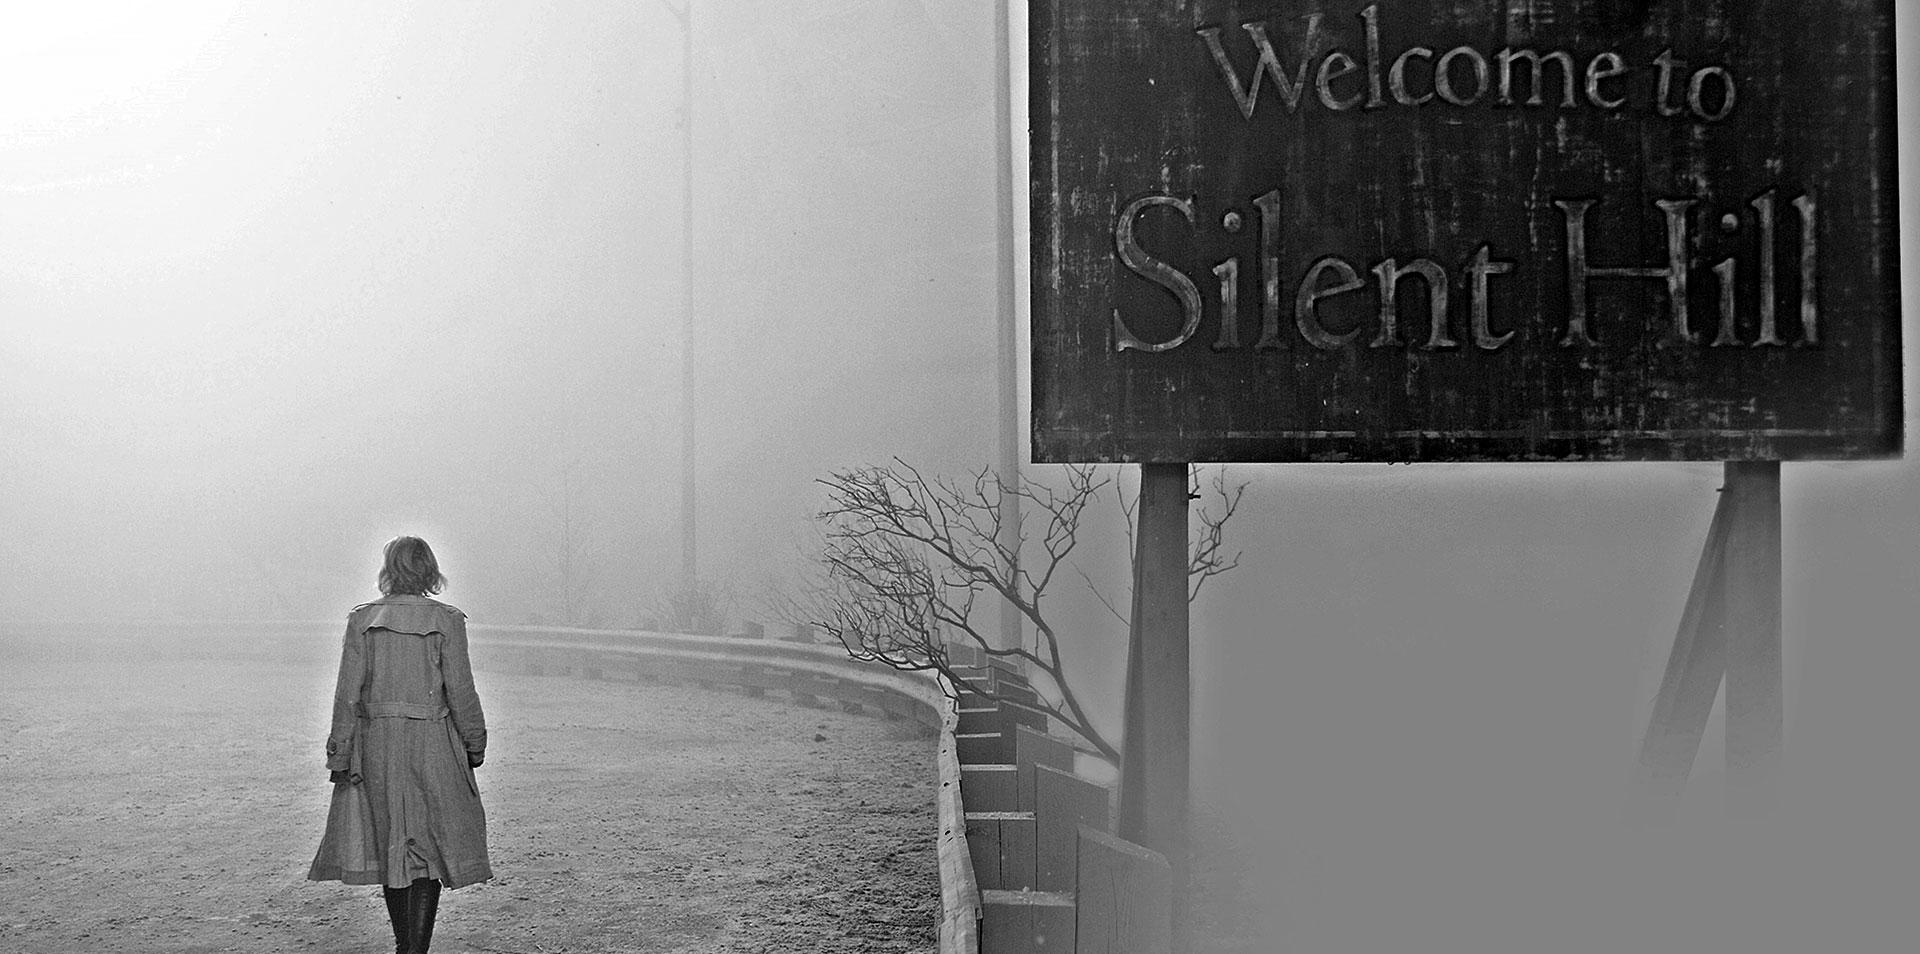 saga-silent-hill